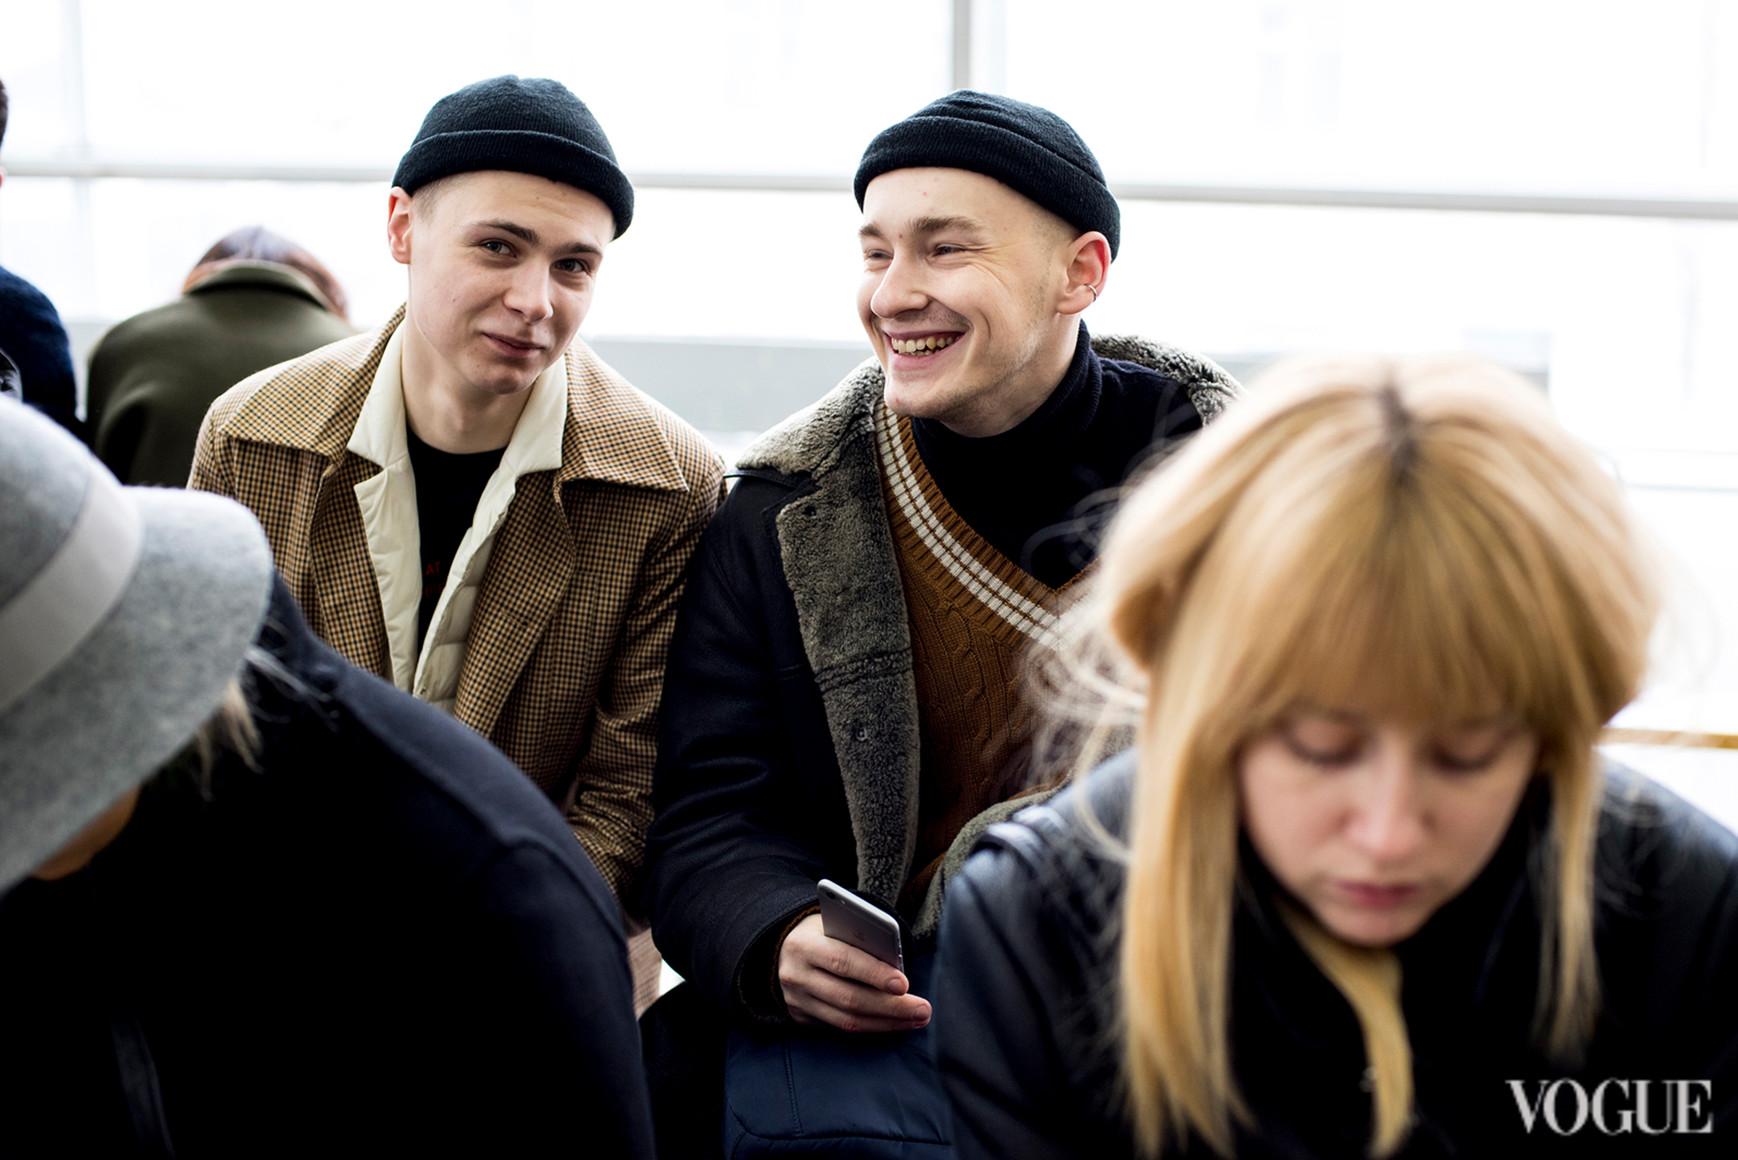 Дима Чаюн и Янтон Якшин